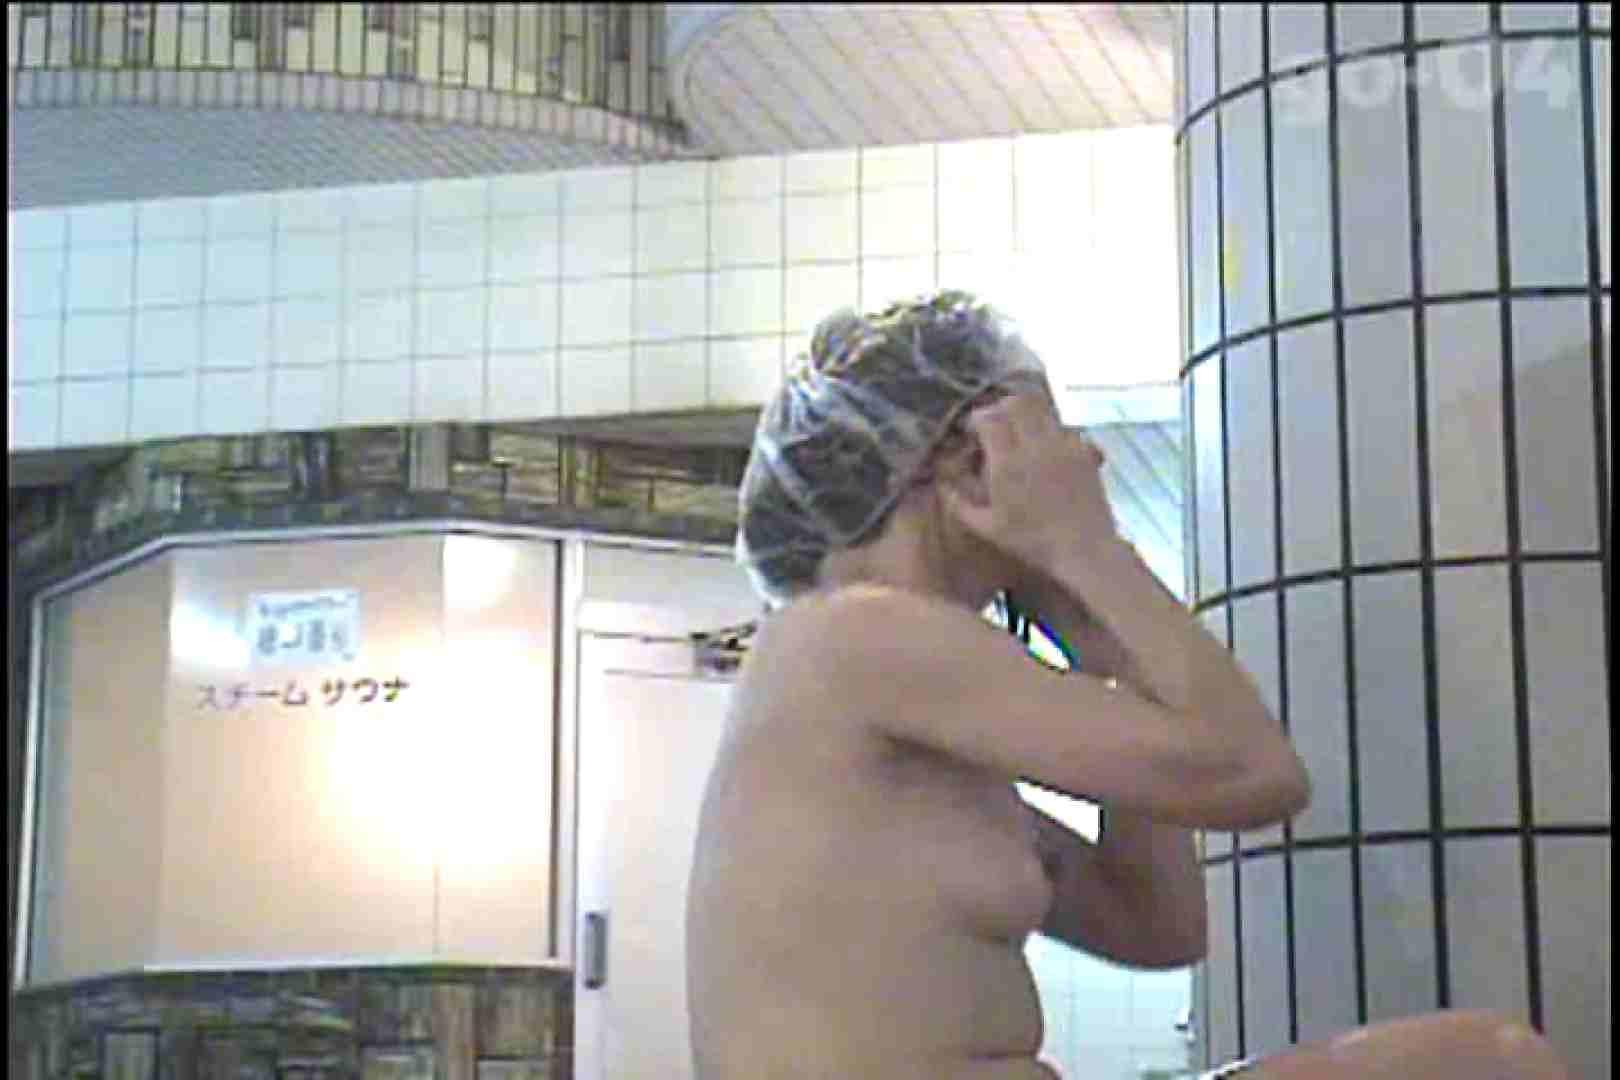 電波カメラ設置浴場からの防HAN映像 Vol.04 盗撮 盗撮動画紹介 102PIX 95